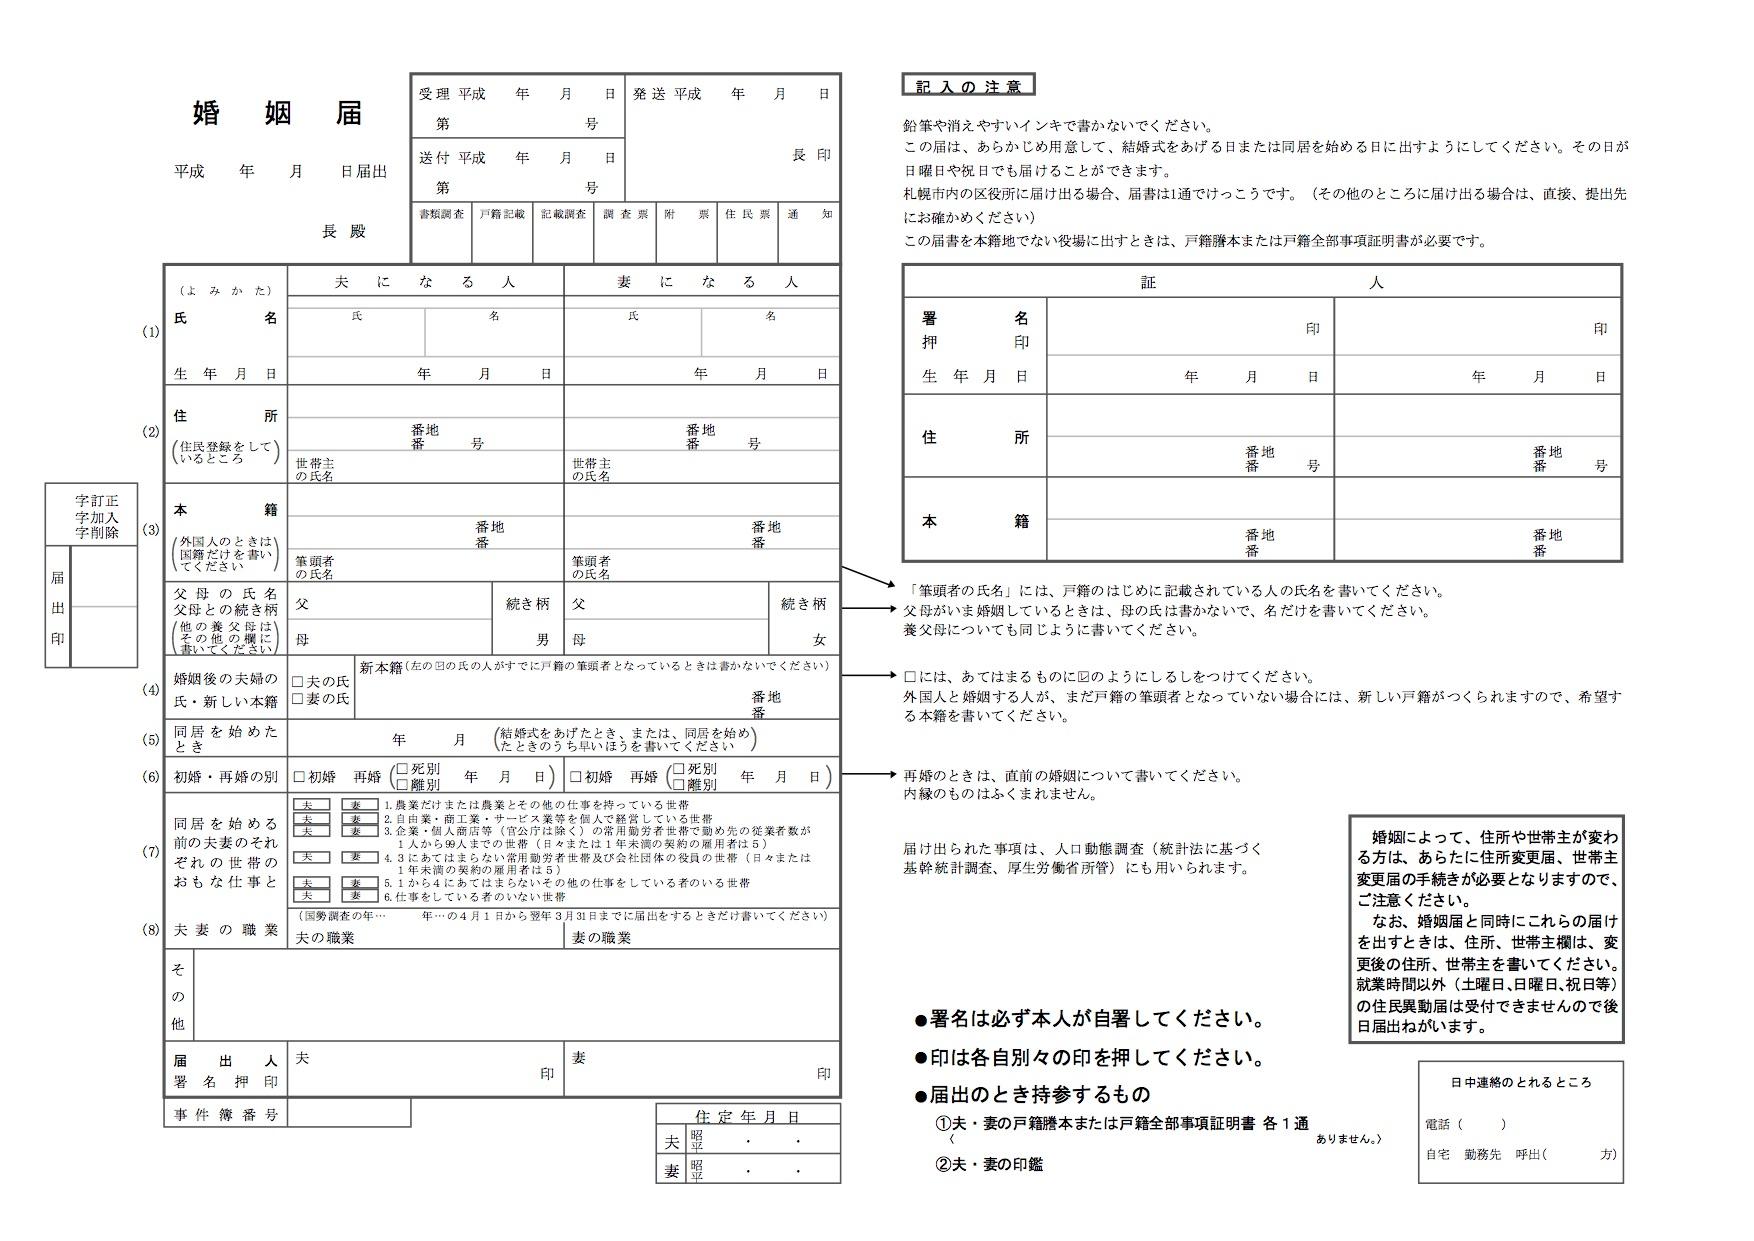 presen_00333_000 のコピー